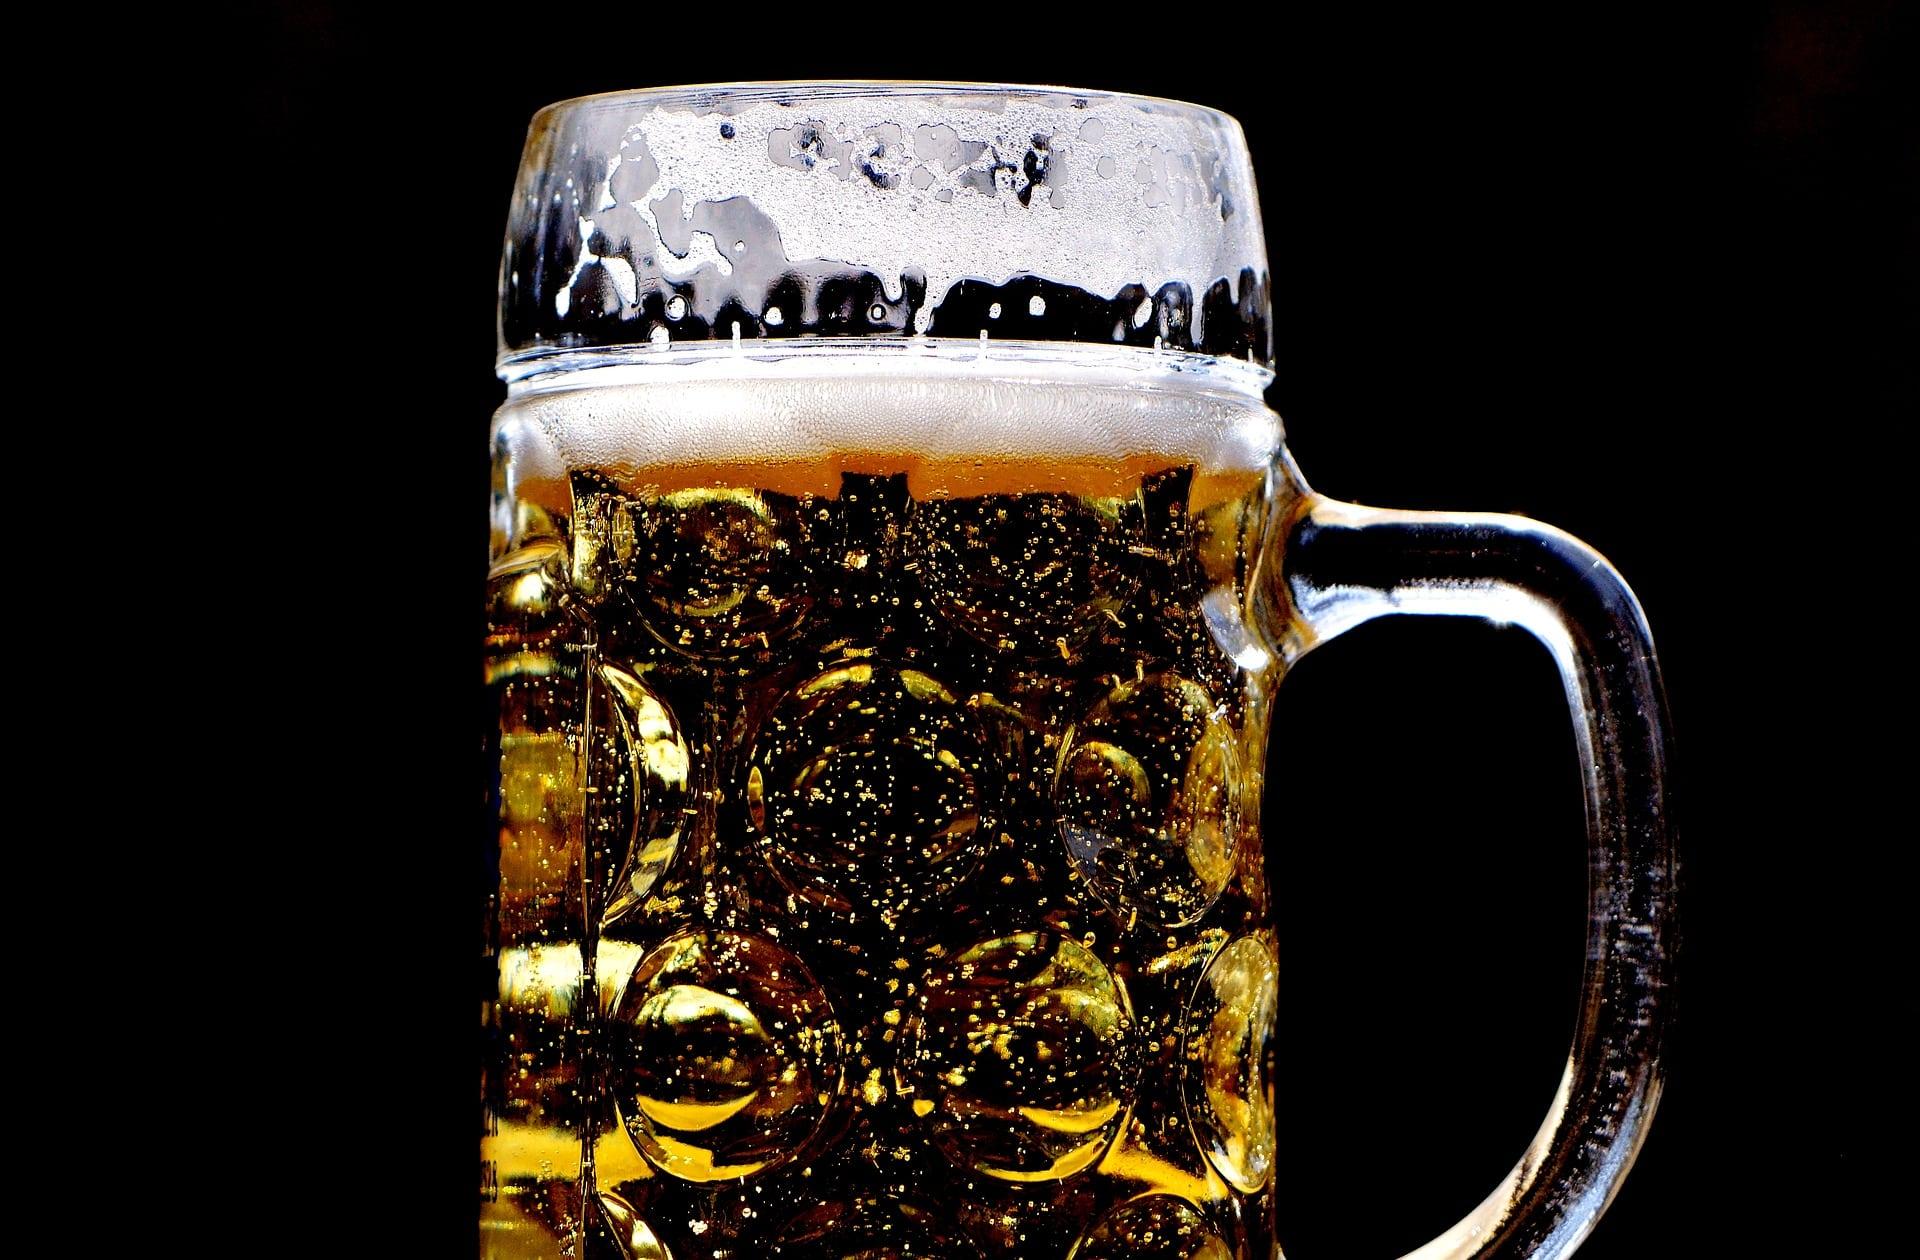 Beer, beer garden, thirst